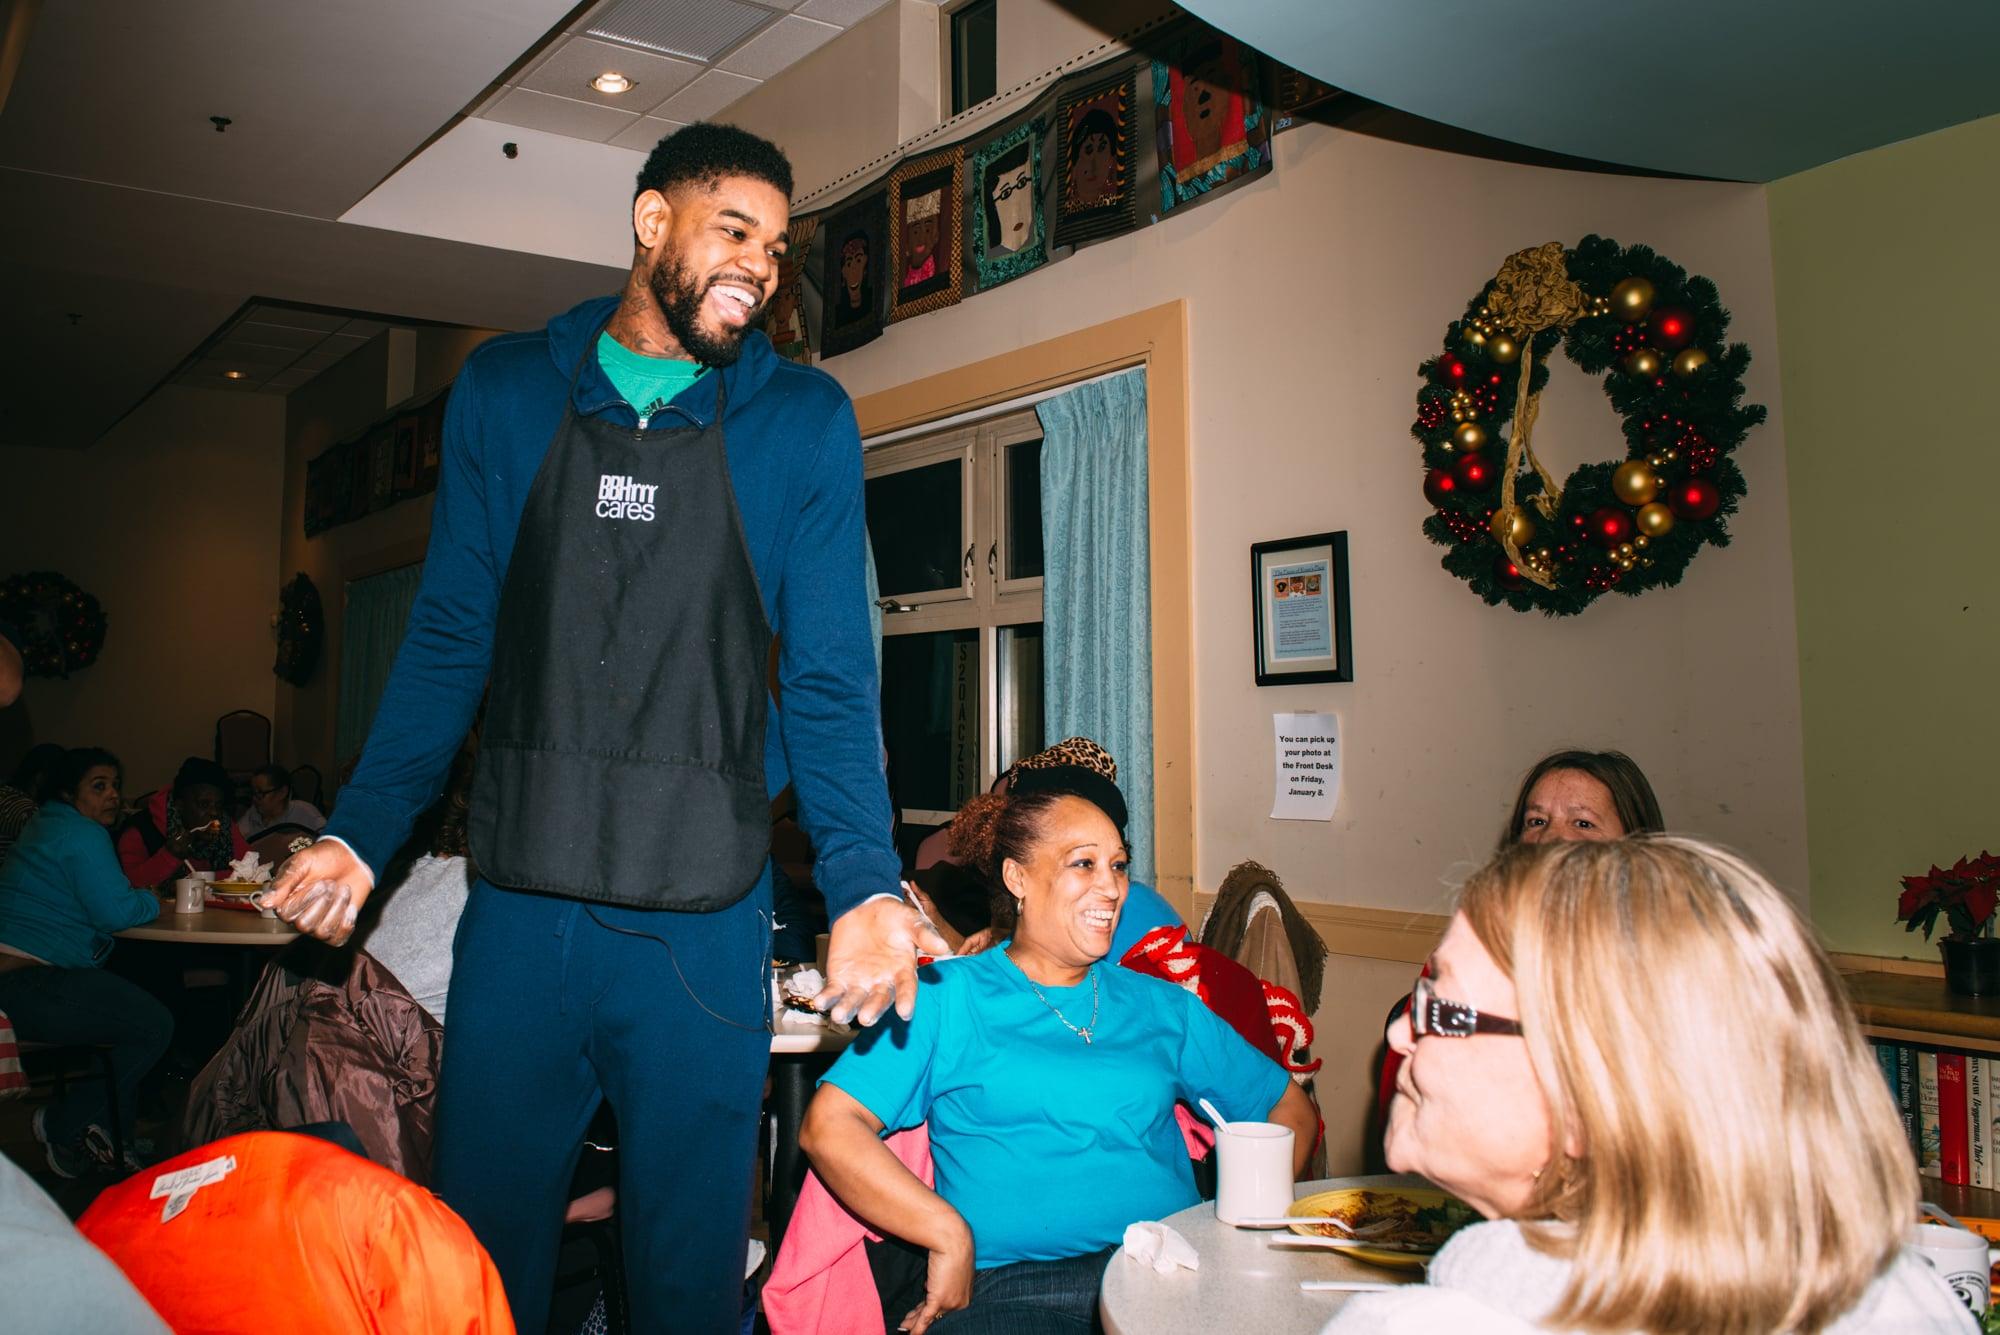 Celtics_Rosies_010516-121.jpg